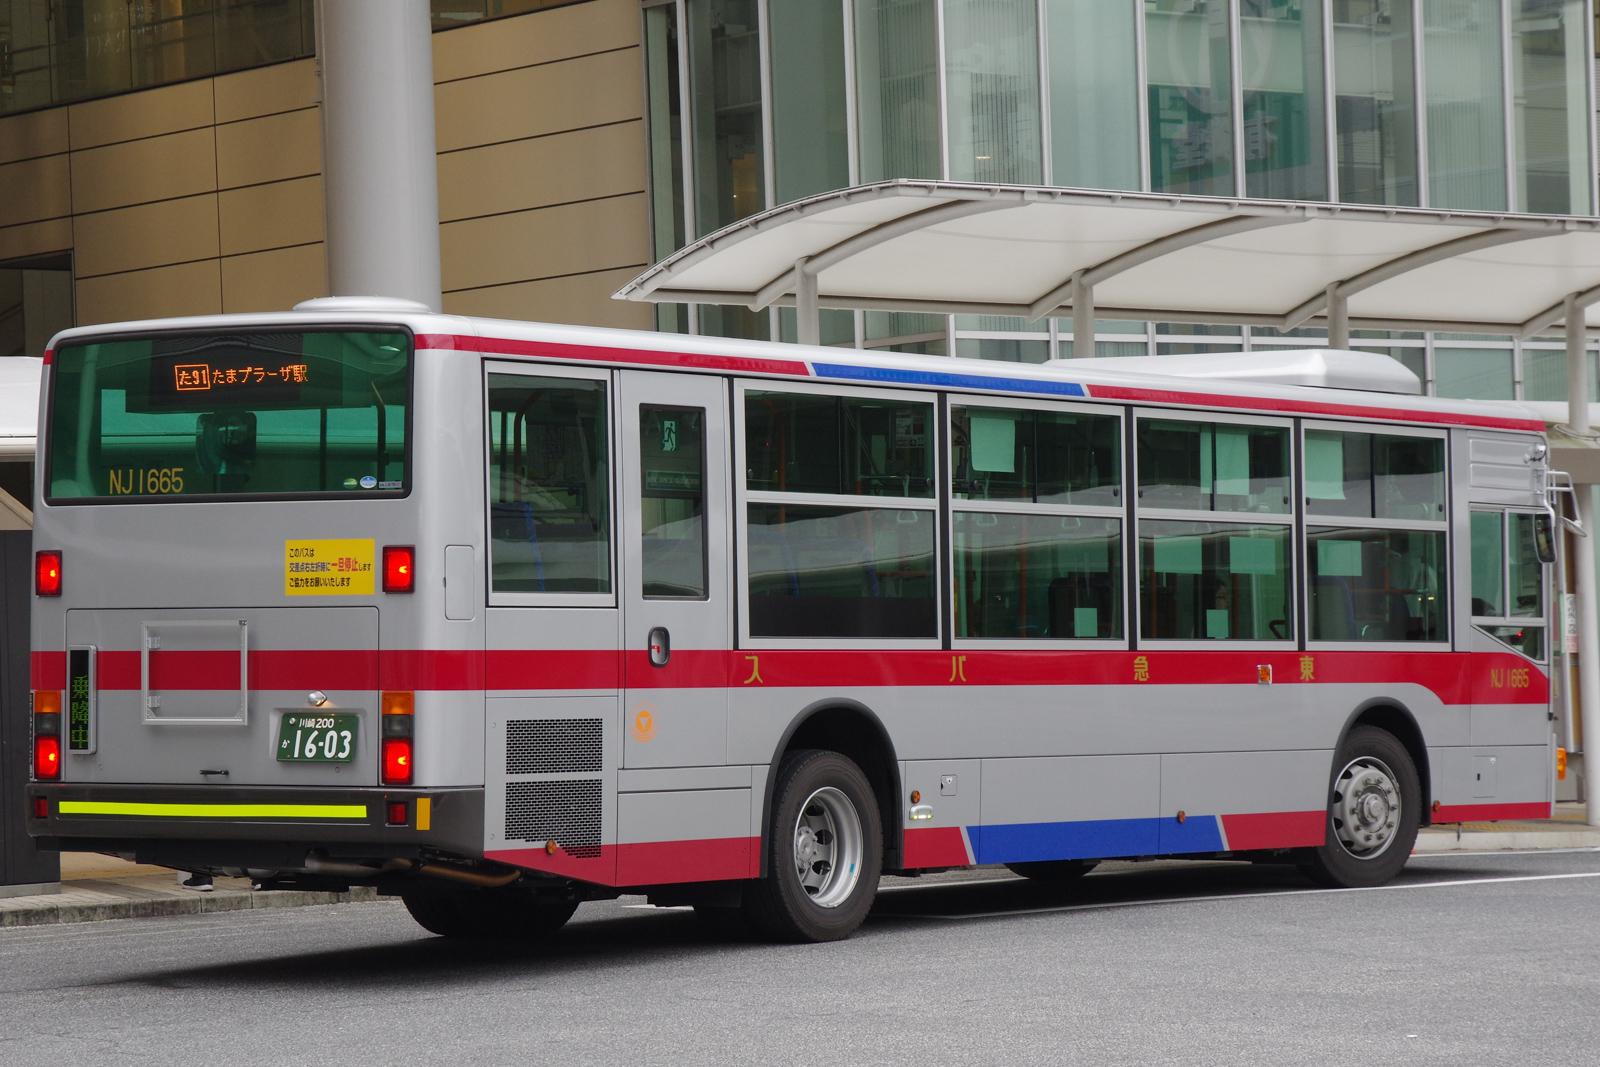 たまプラーザ駅にて 2016.9